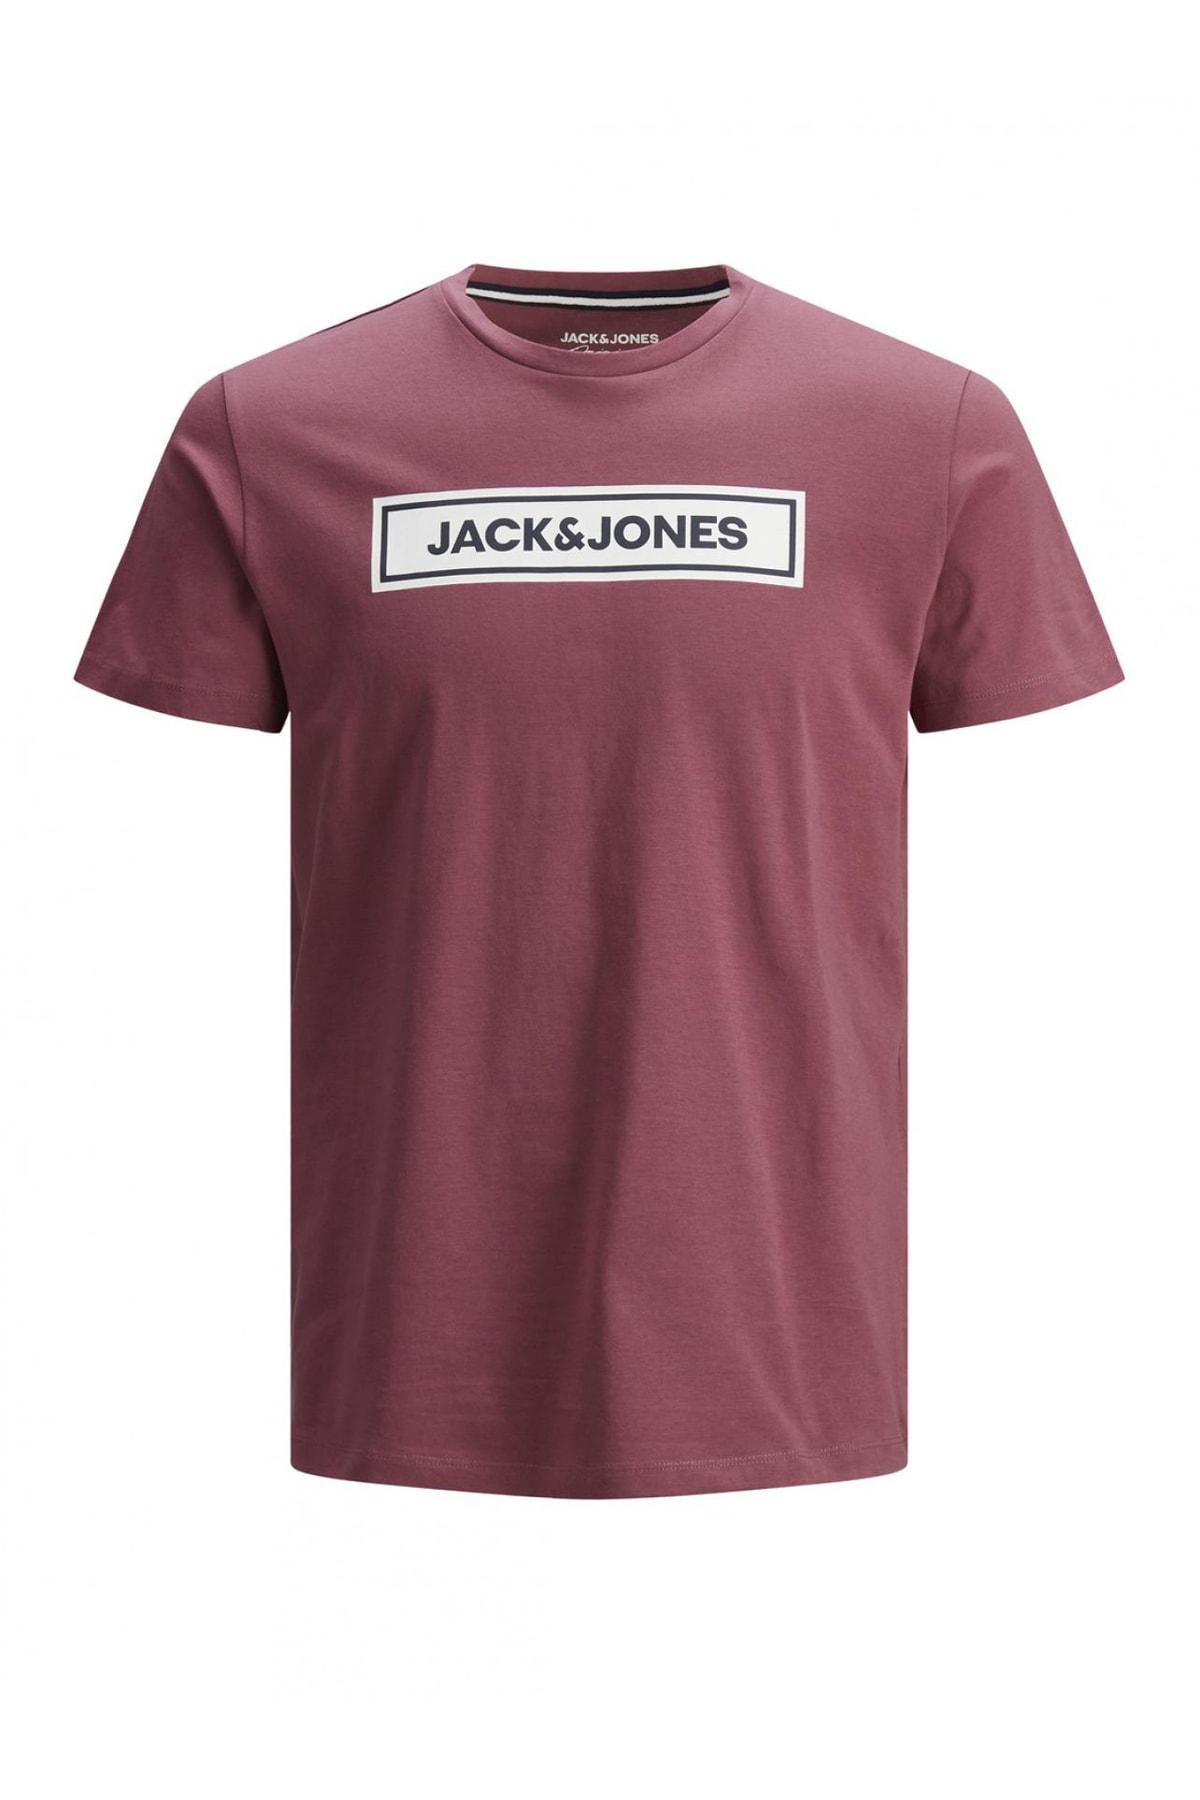 Jack & Jones Jack&jones 12186702 0 Yaka Erkek Tshırt 1